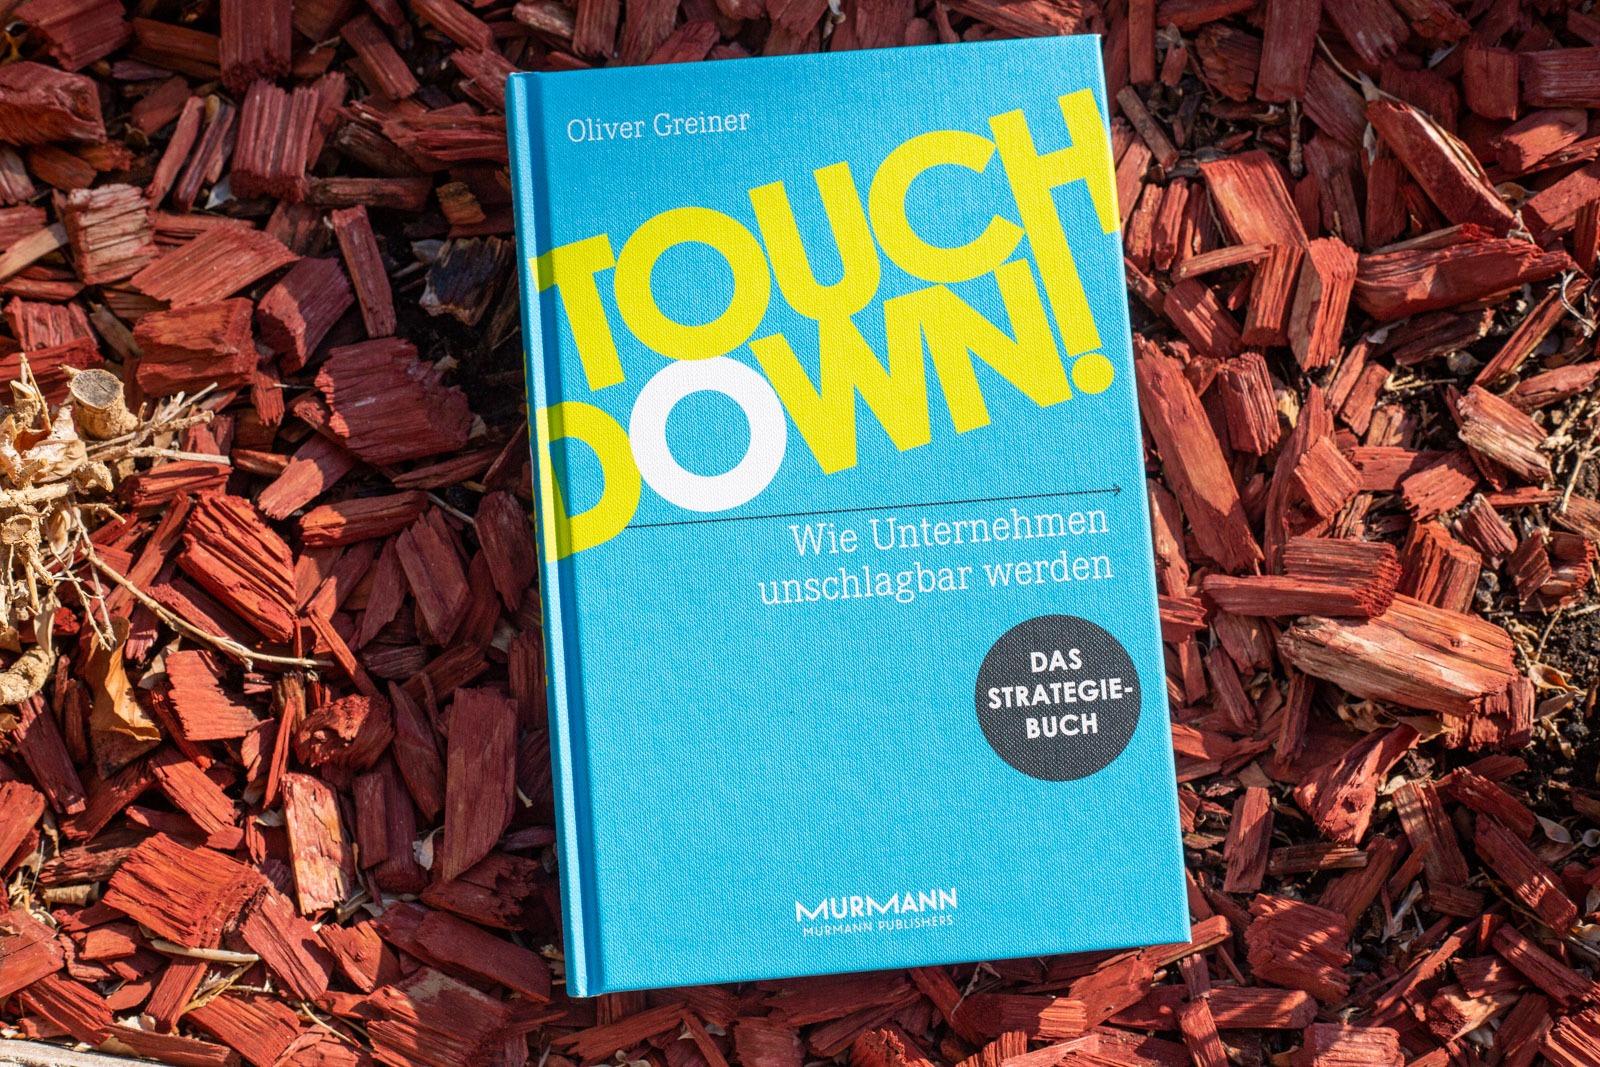 Touchdown! - Oliver Greiner